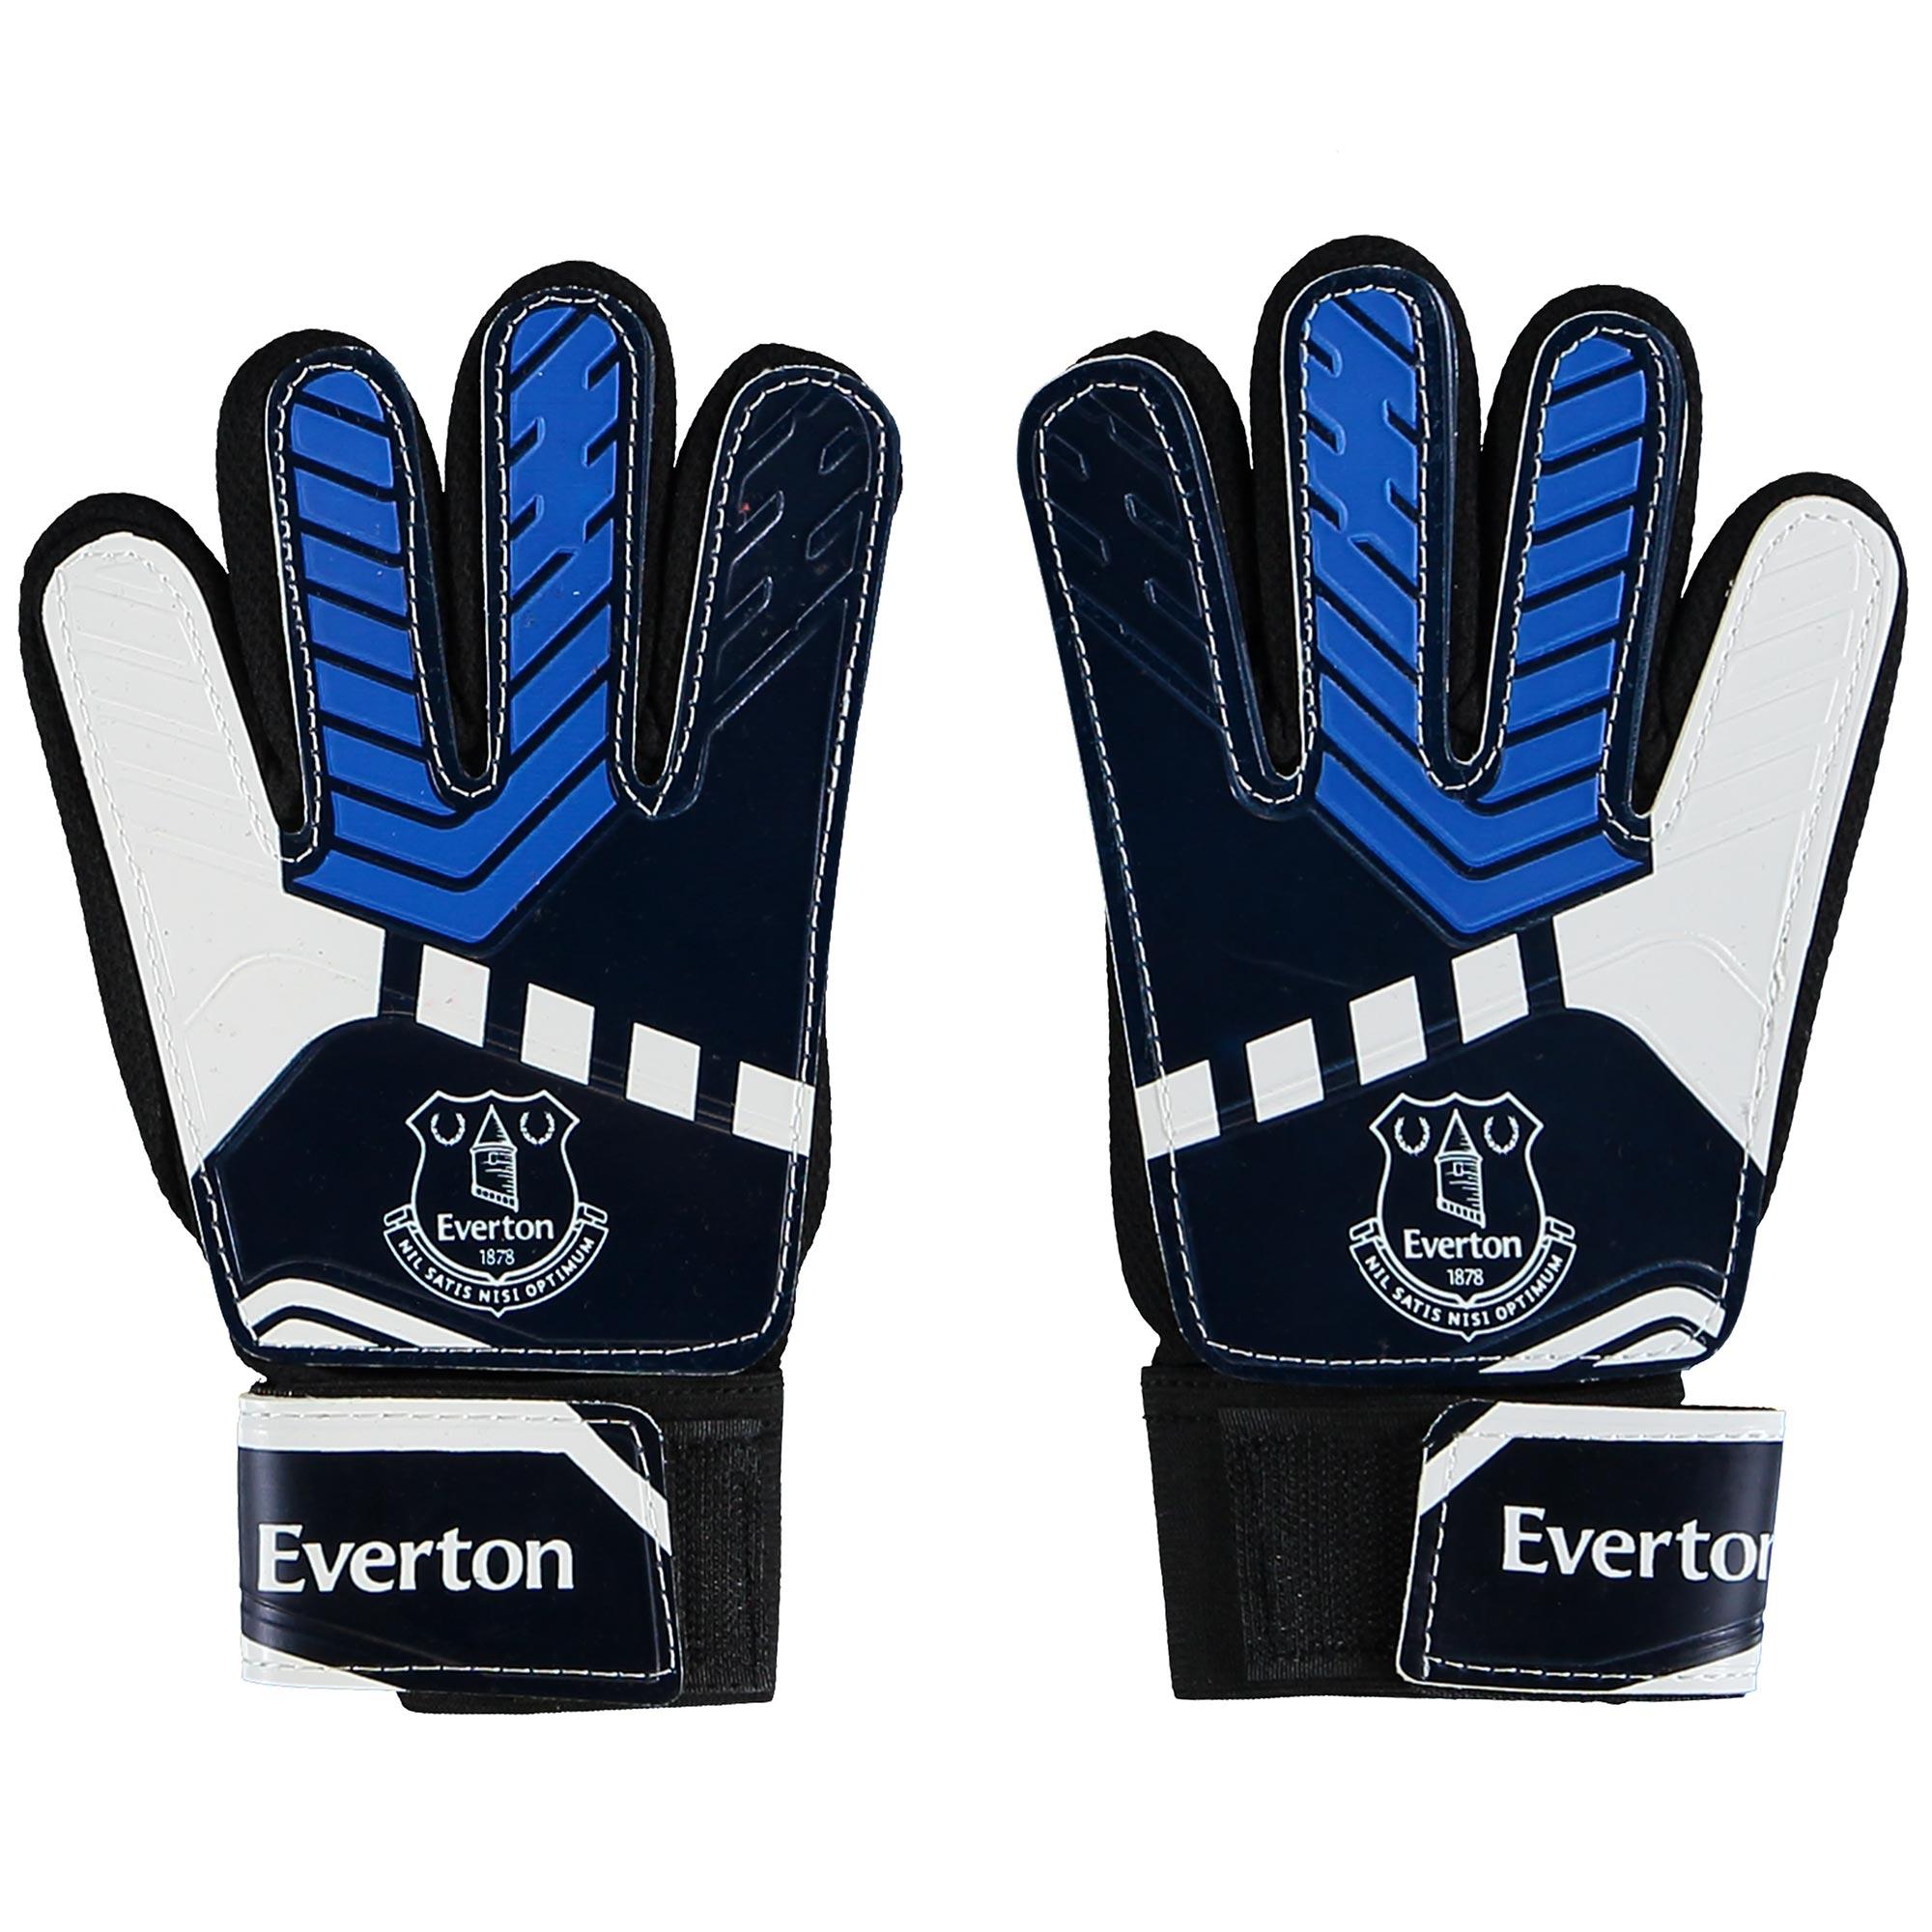 Everton Goalkeeper Gloves